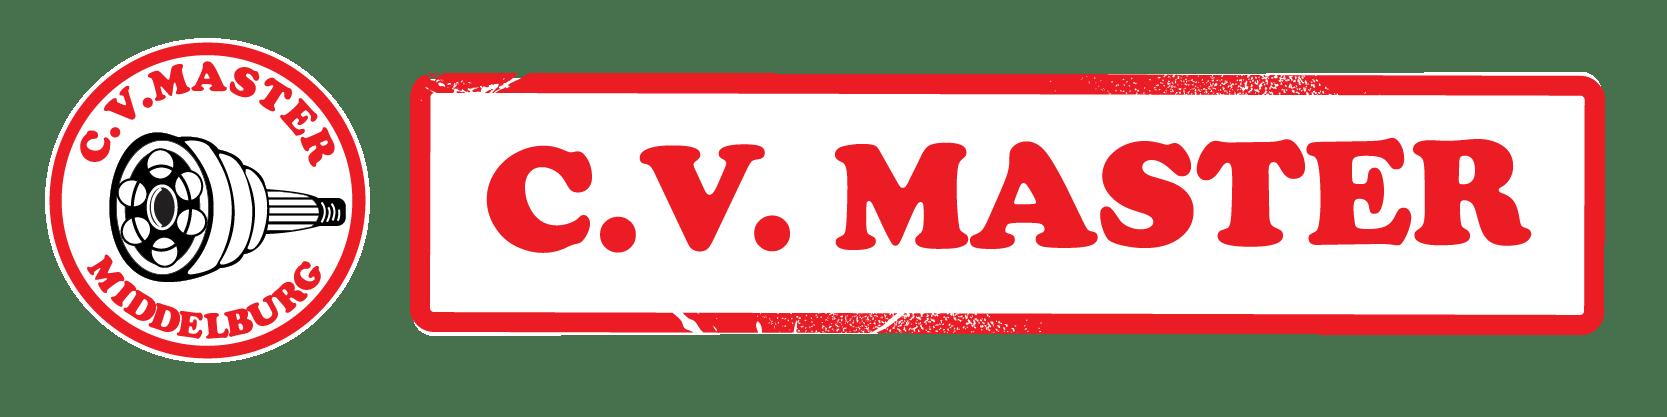 CV Master Middelburg